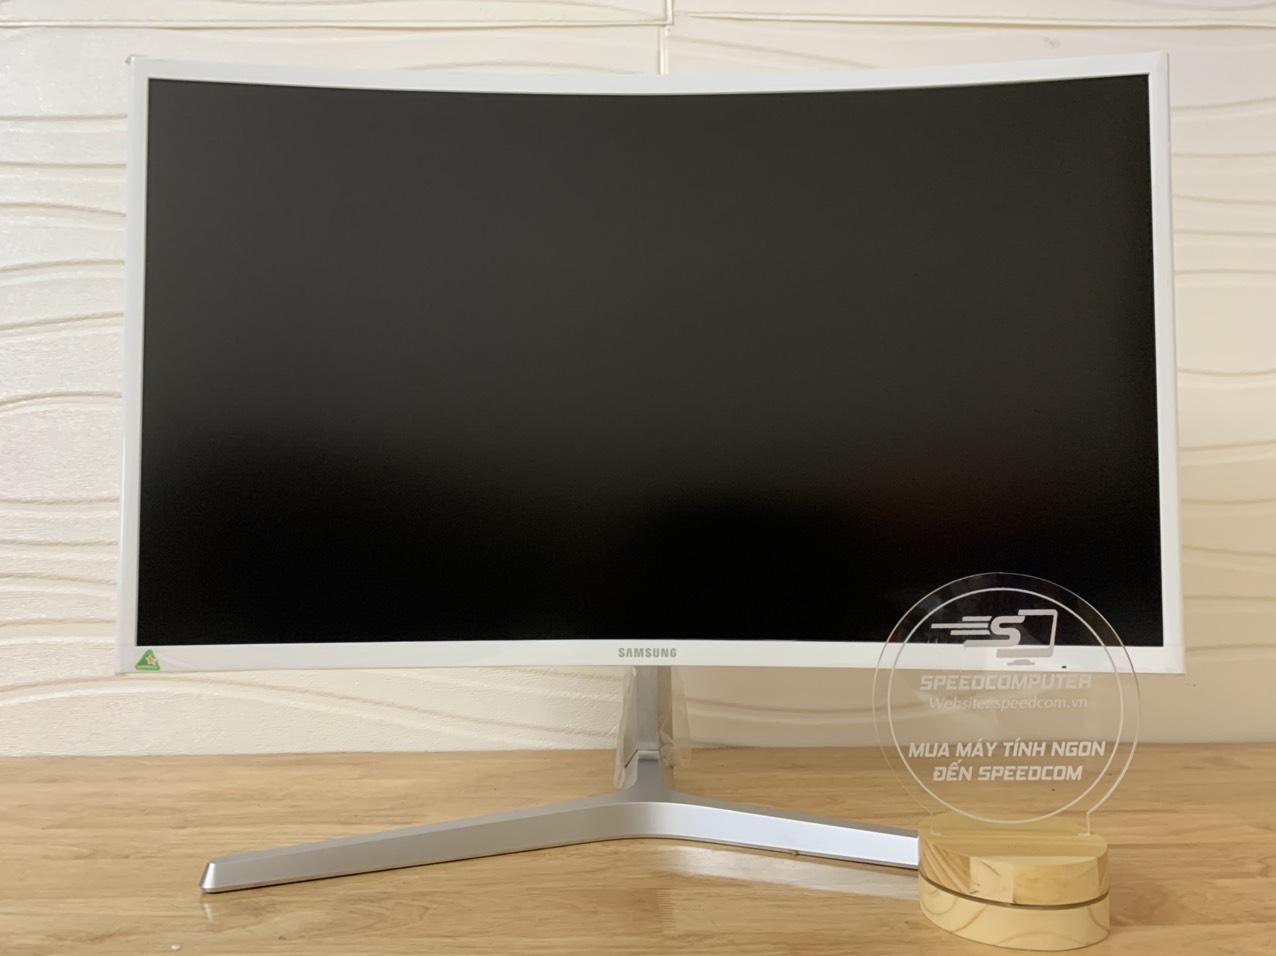 màn-hình-samsung-27-inch-cong